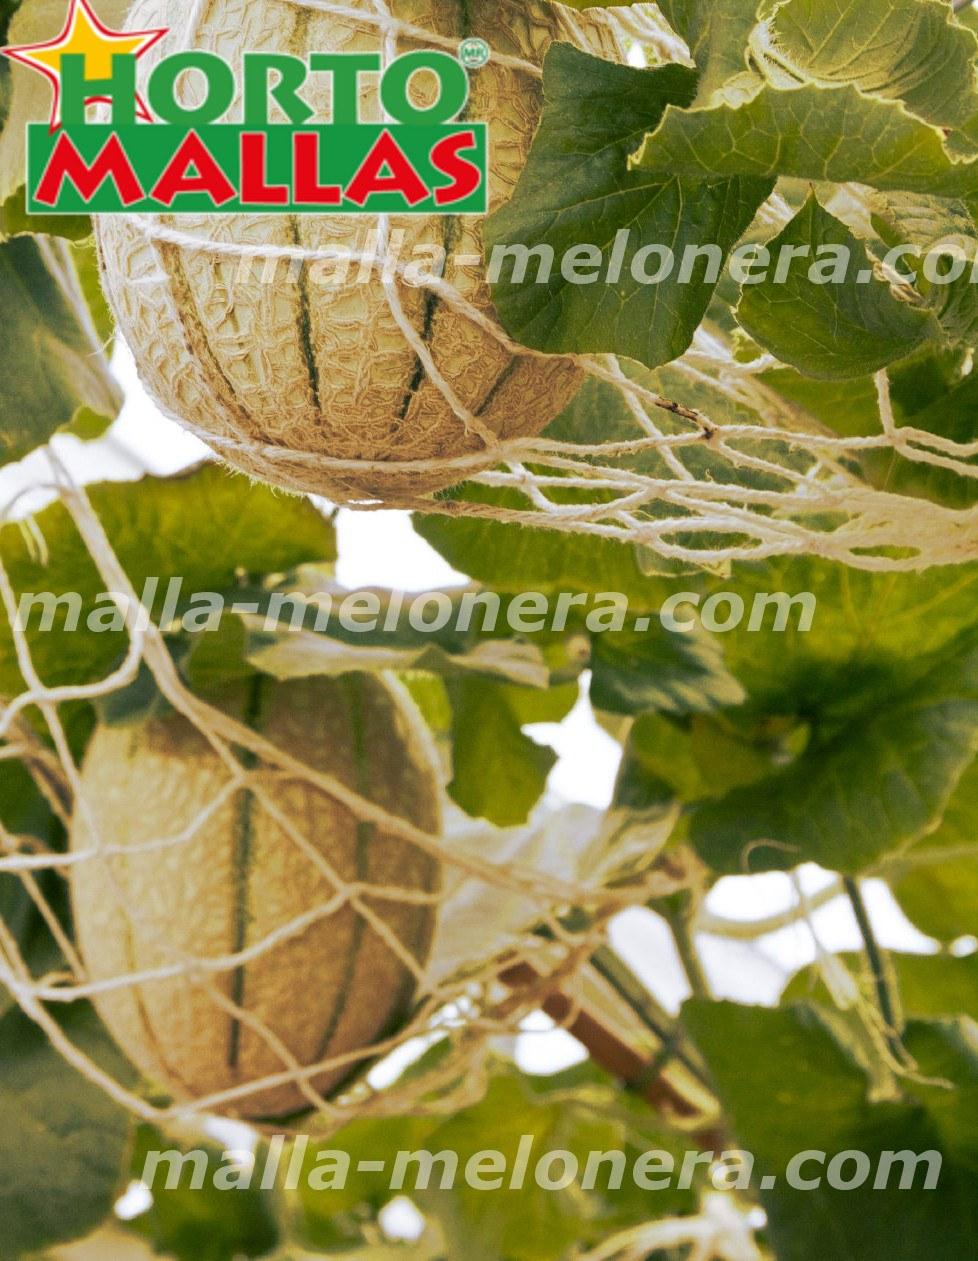 soporte con malla melonera